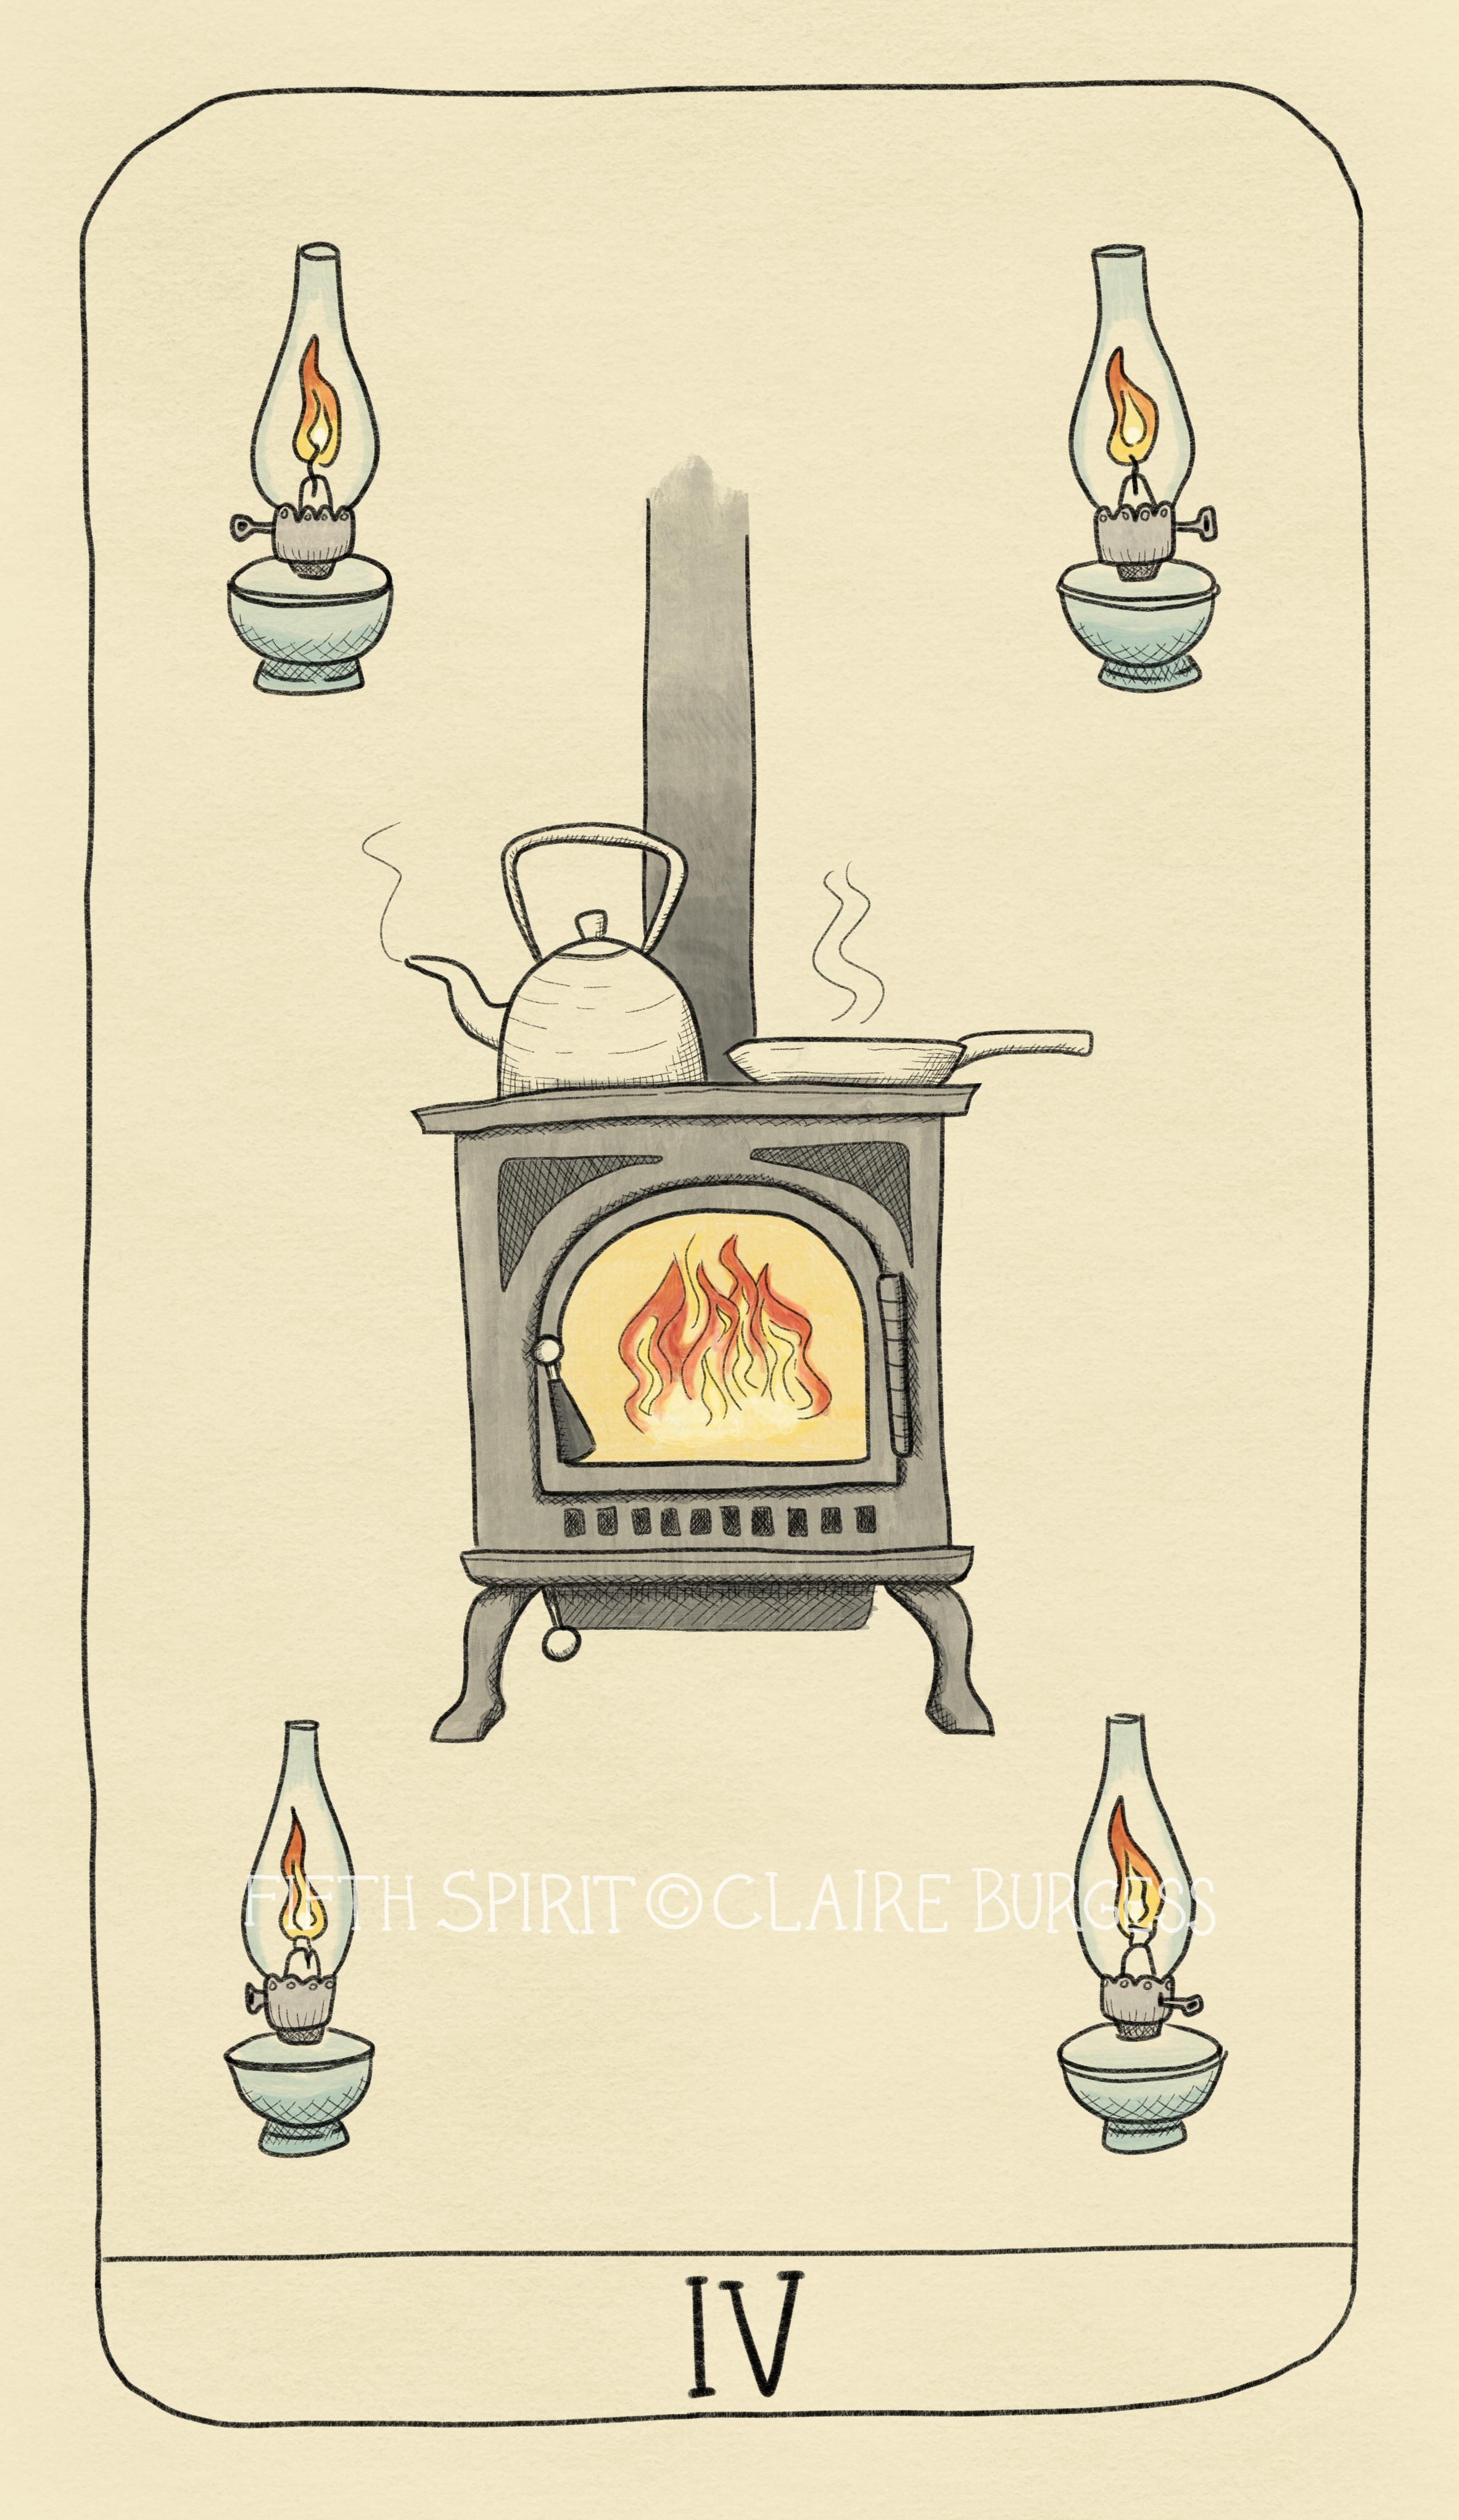 4 of Wands Fifth Spirit Tarot